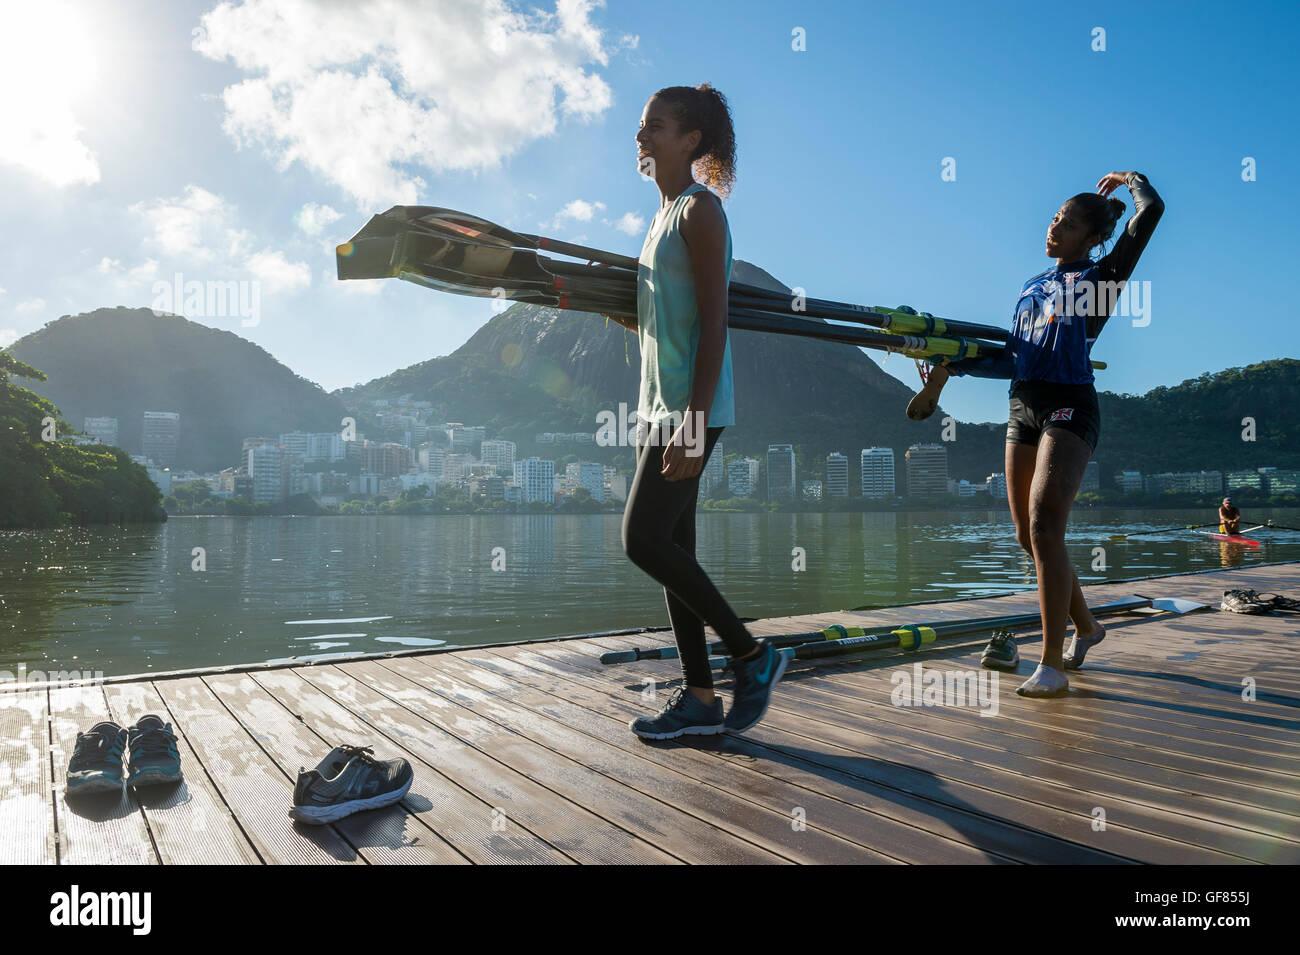 RIO DE JANEIRO - Marzo 22, 2016: Después del entrenamiento, dos mujeres remeros brasileña transportar Imagen De Stock